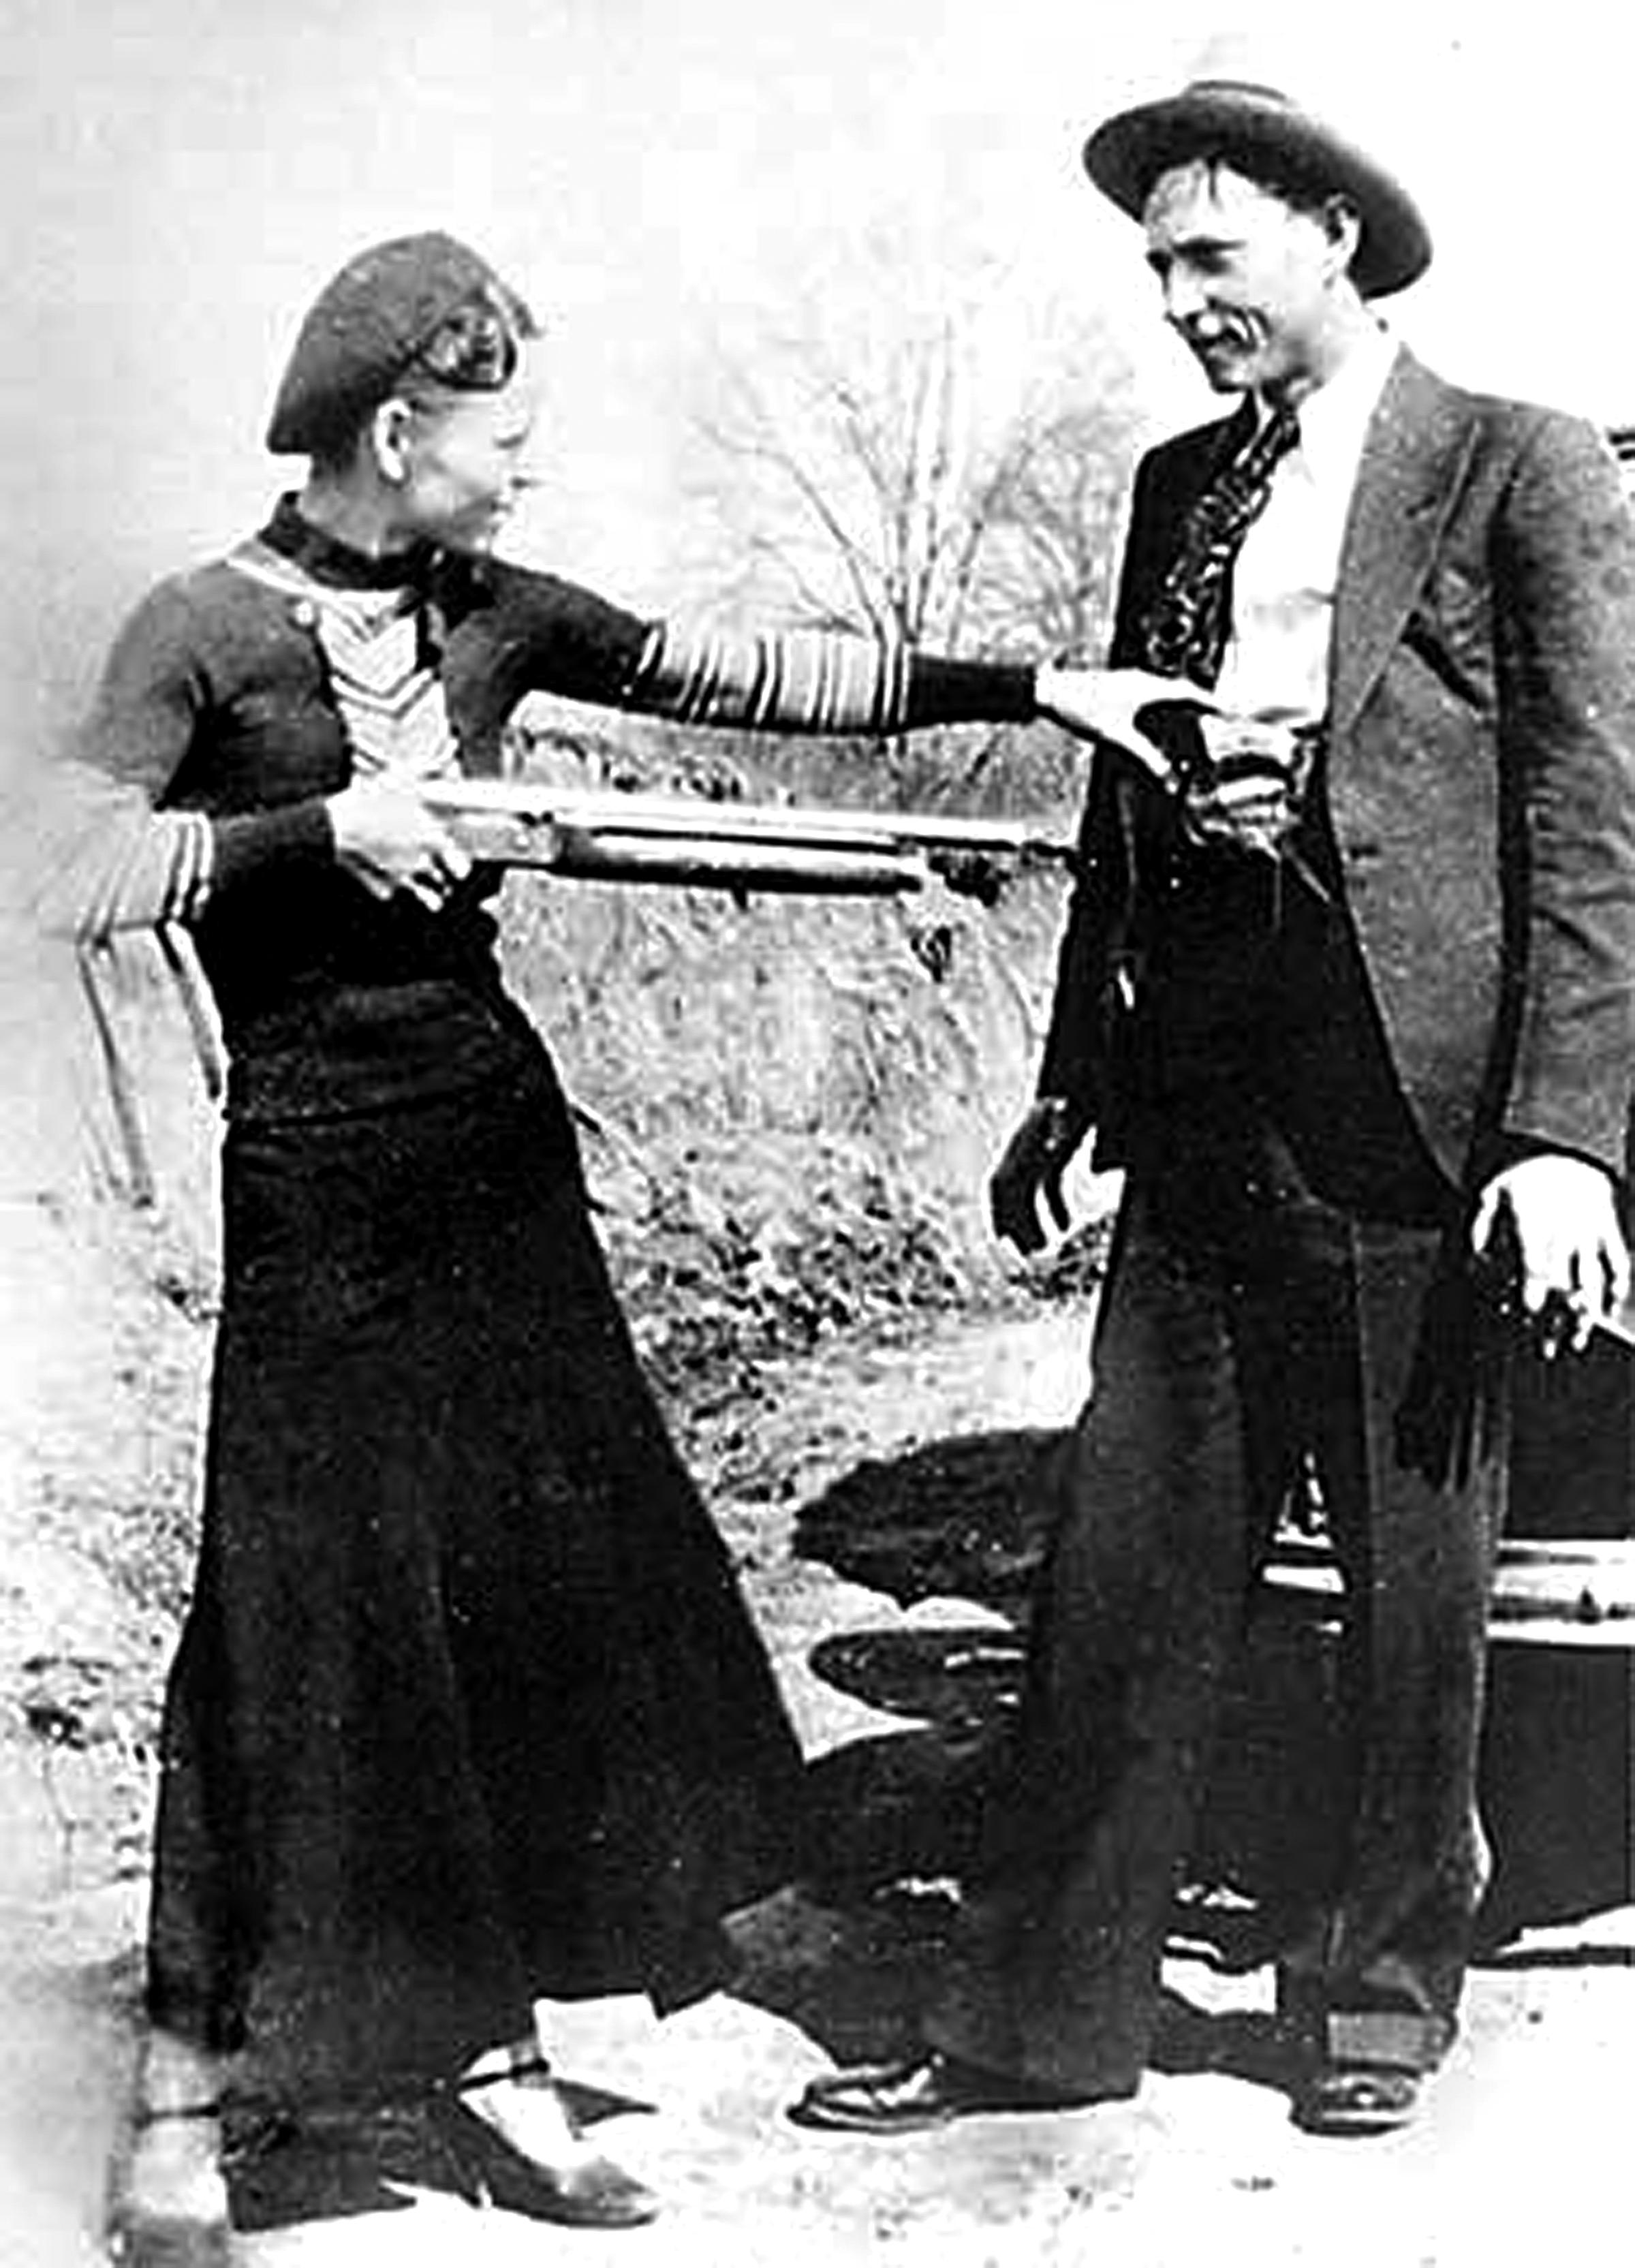 De 'real' Bonnie & Clyde